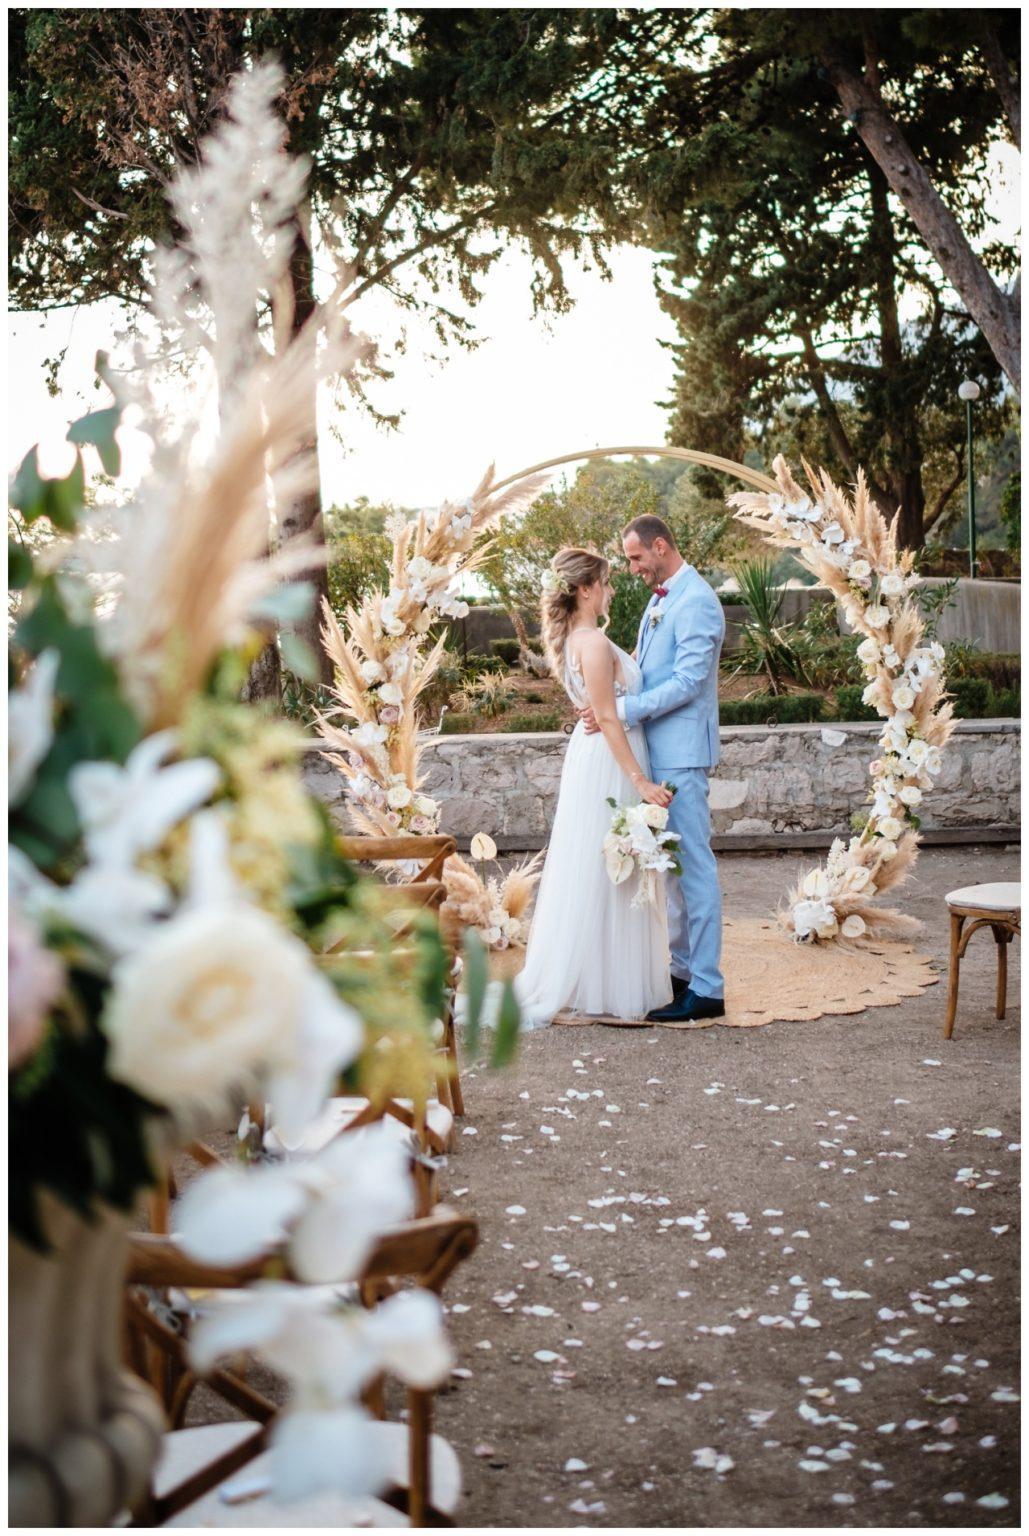 hochzeit brac inse boho heiraten kroatien hochzeitsplaner 40 - Glam Boho Hochzeit auf der Insel Brač